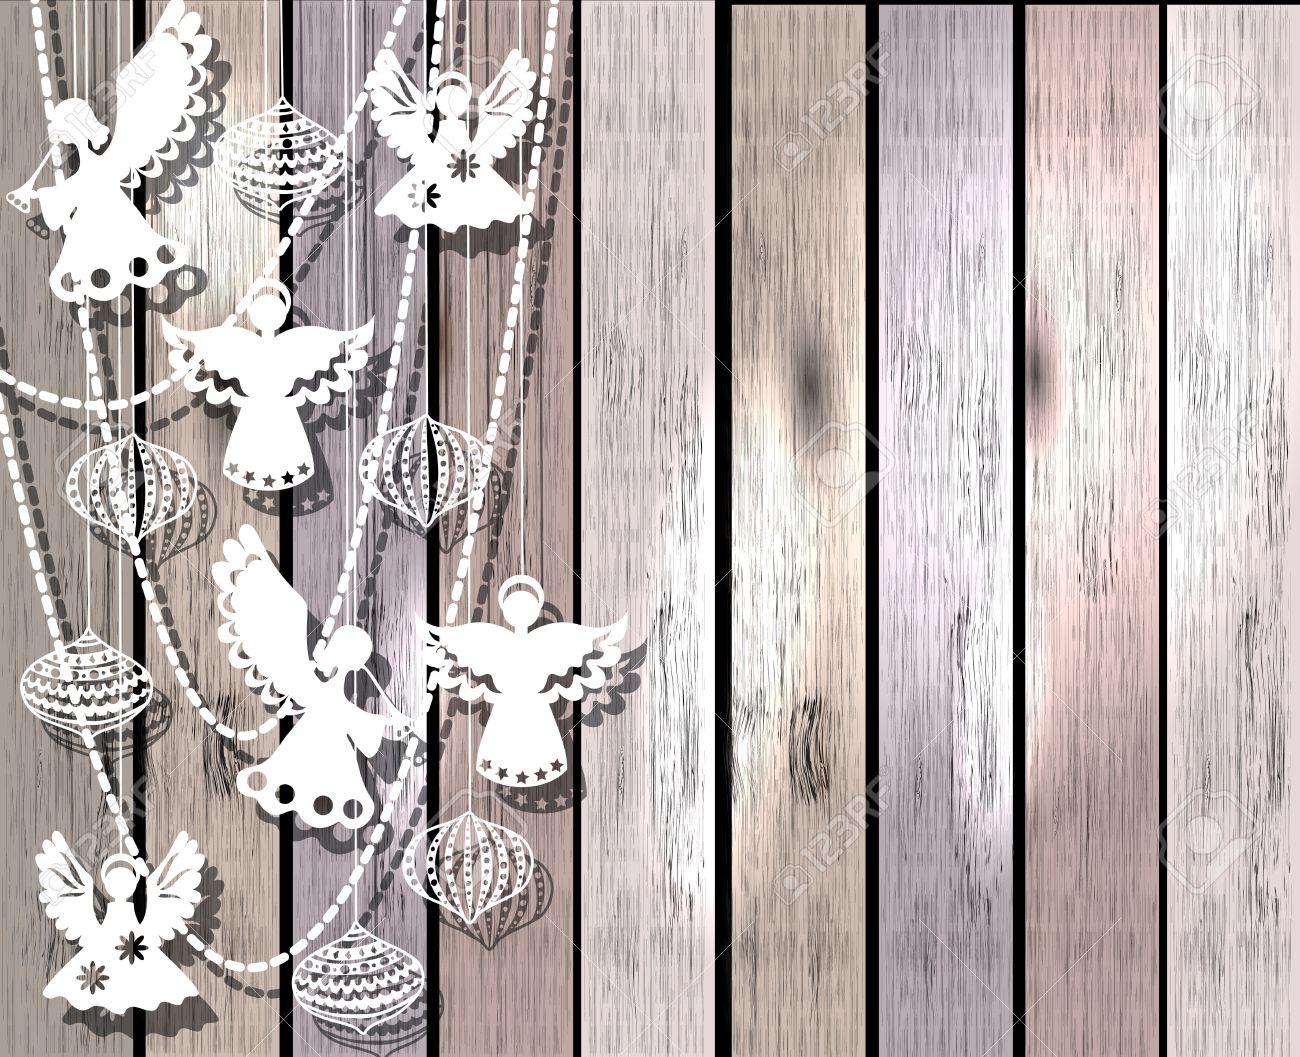 Risultati immagini per angeli di carta